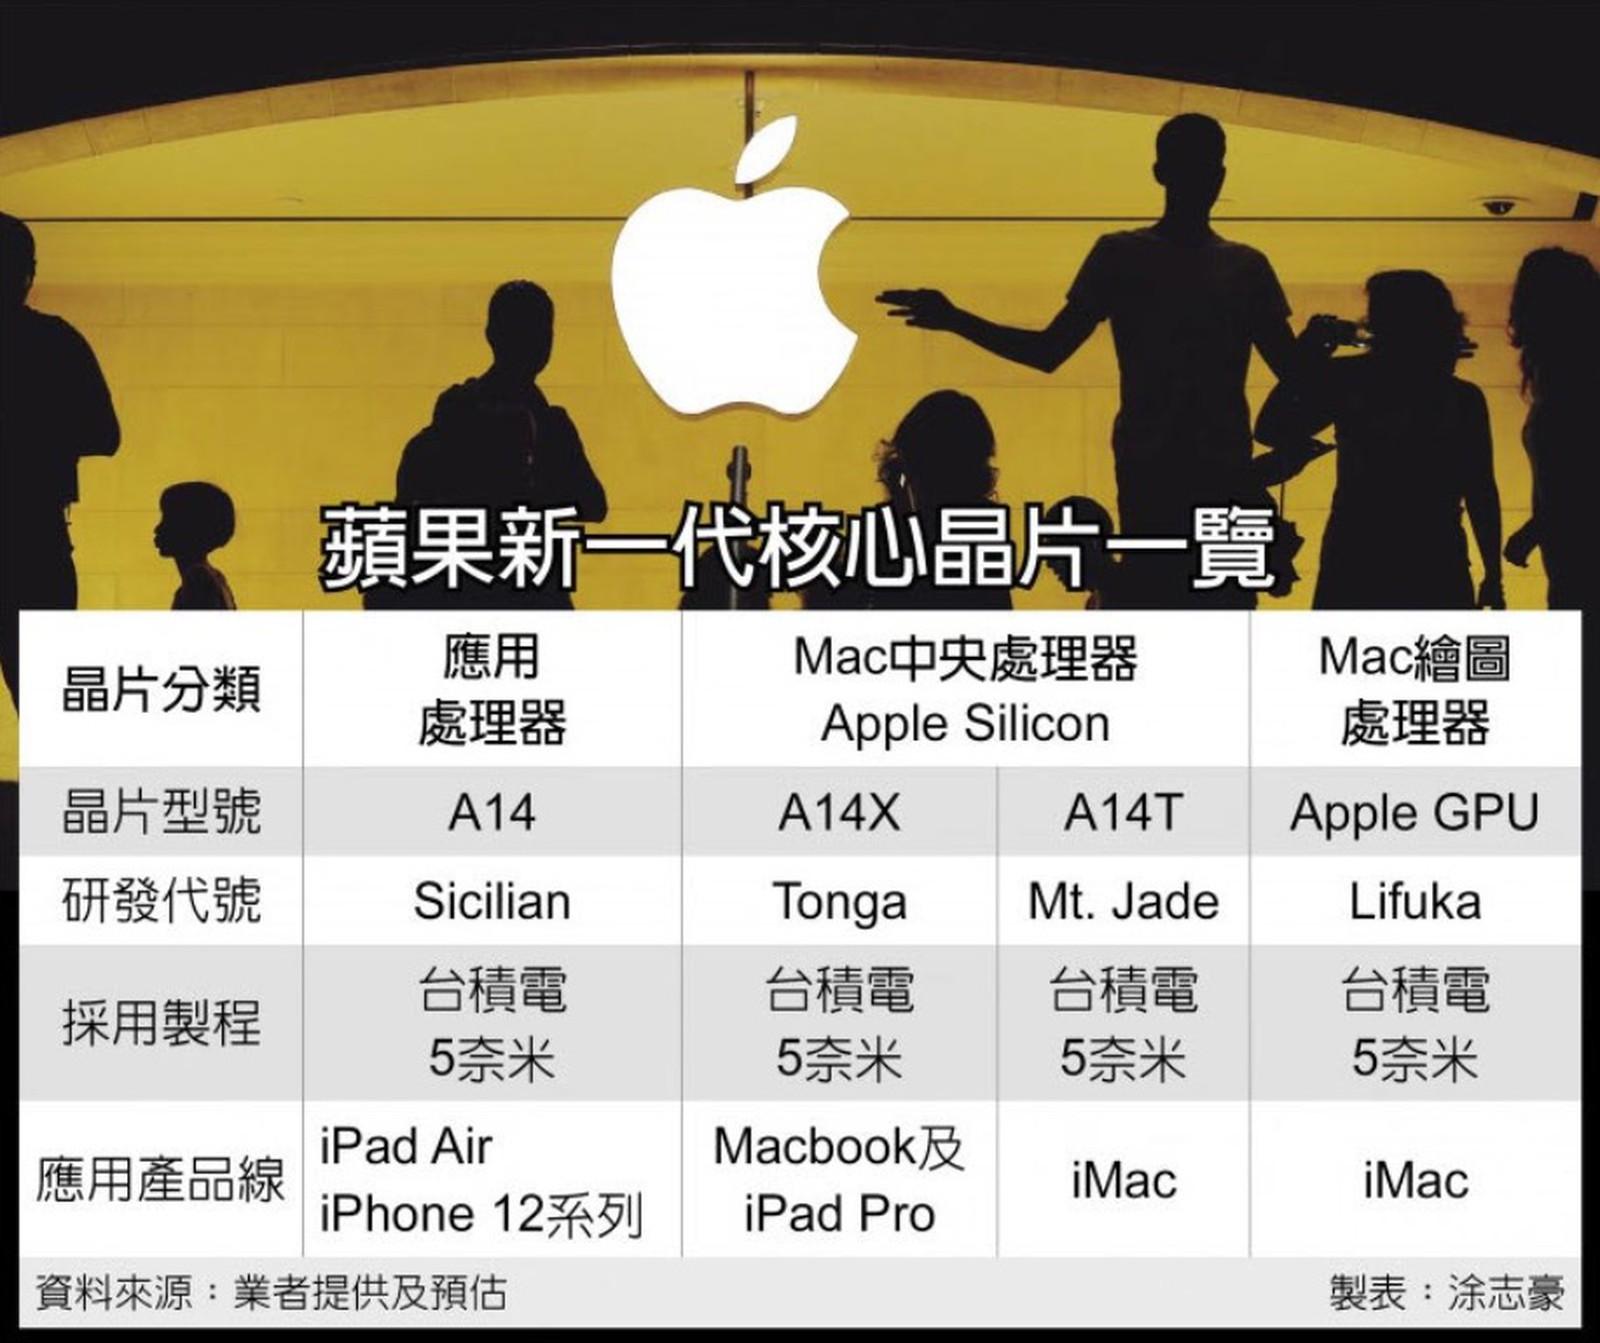 Apple A14X A14T GPU